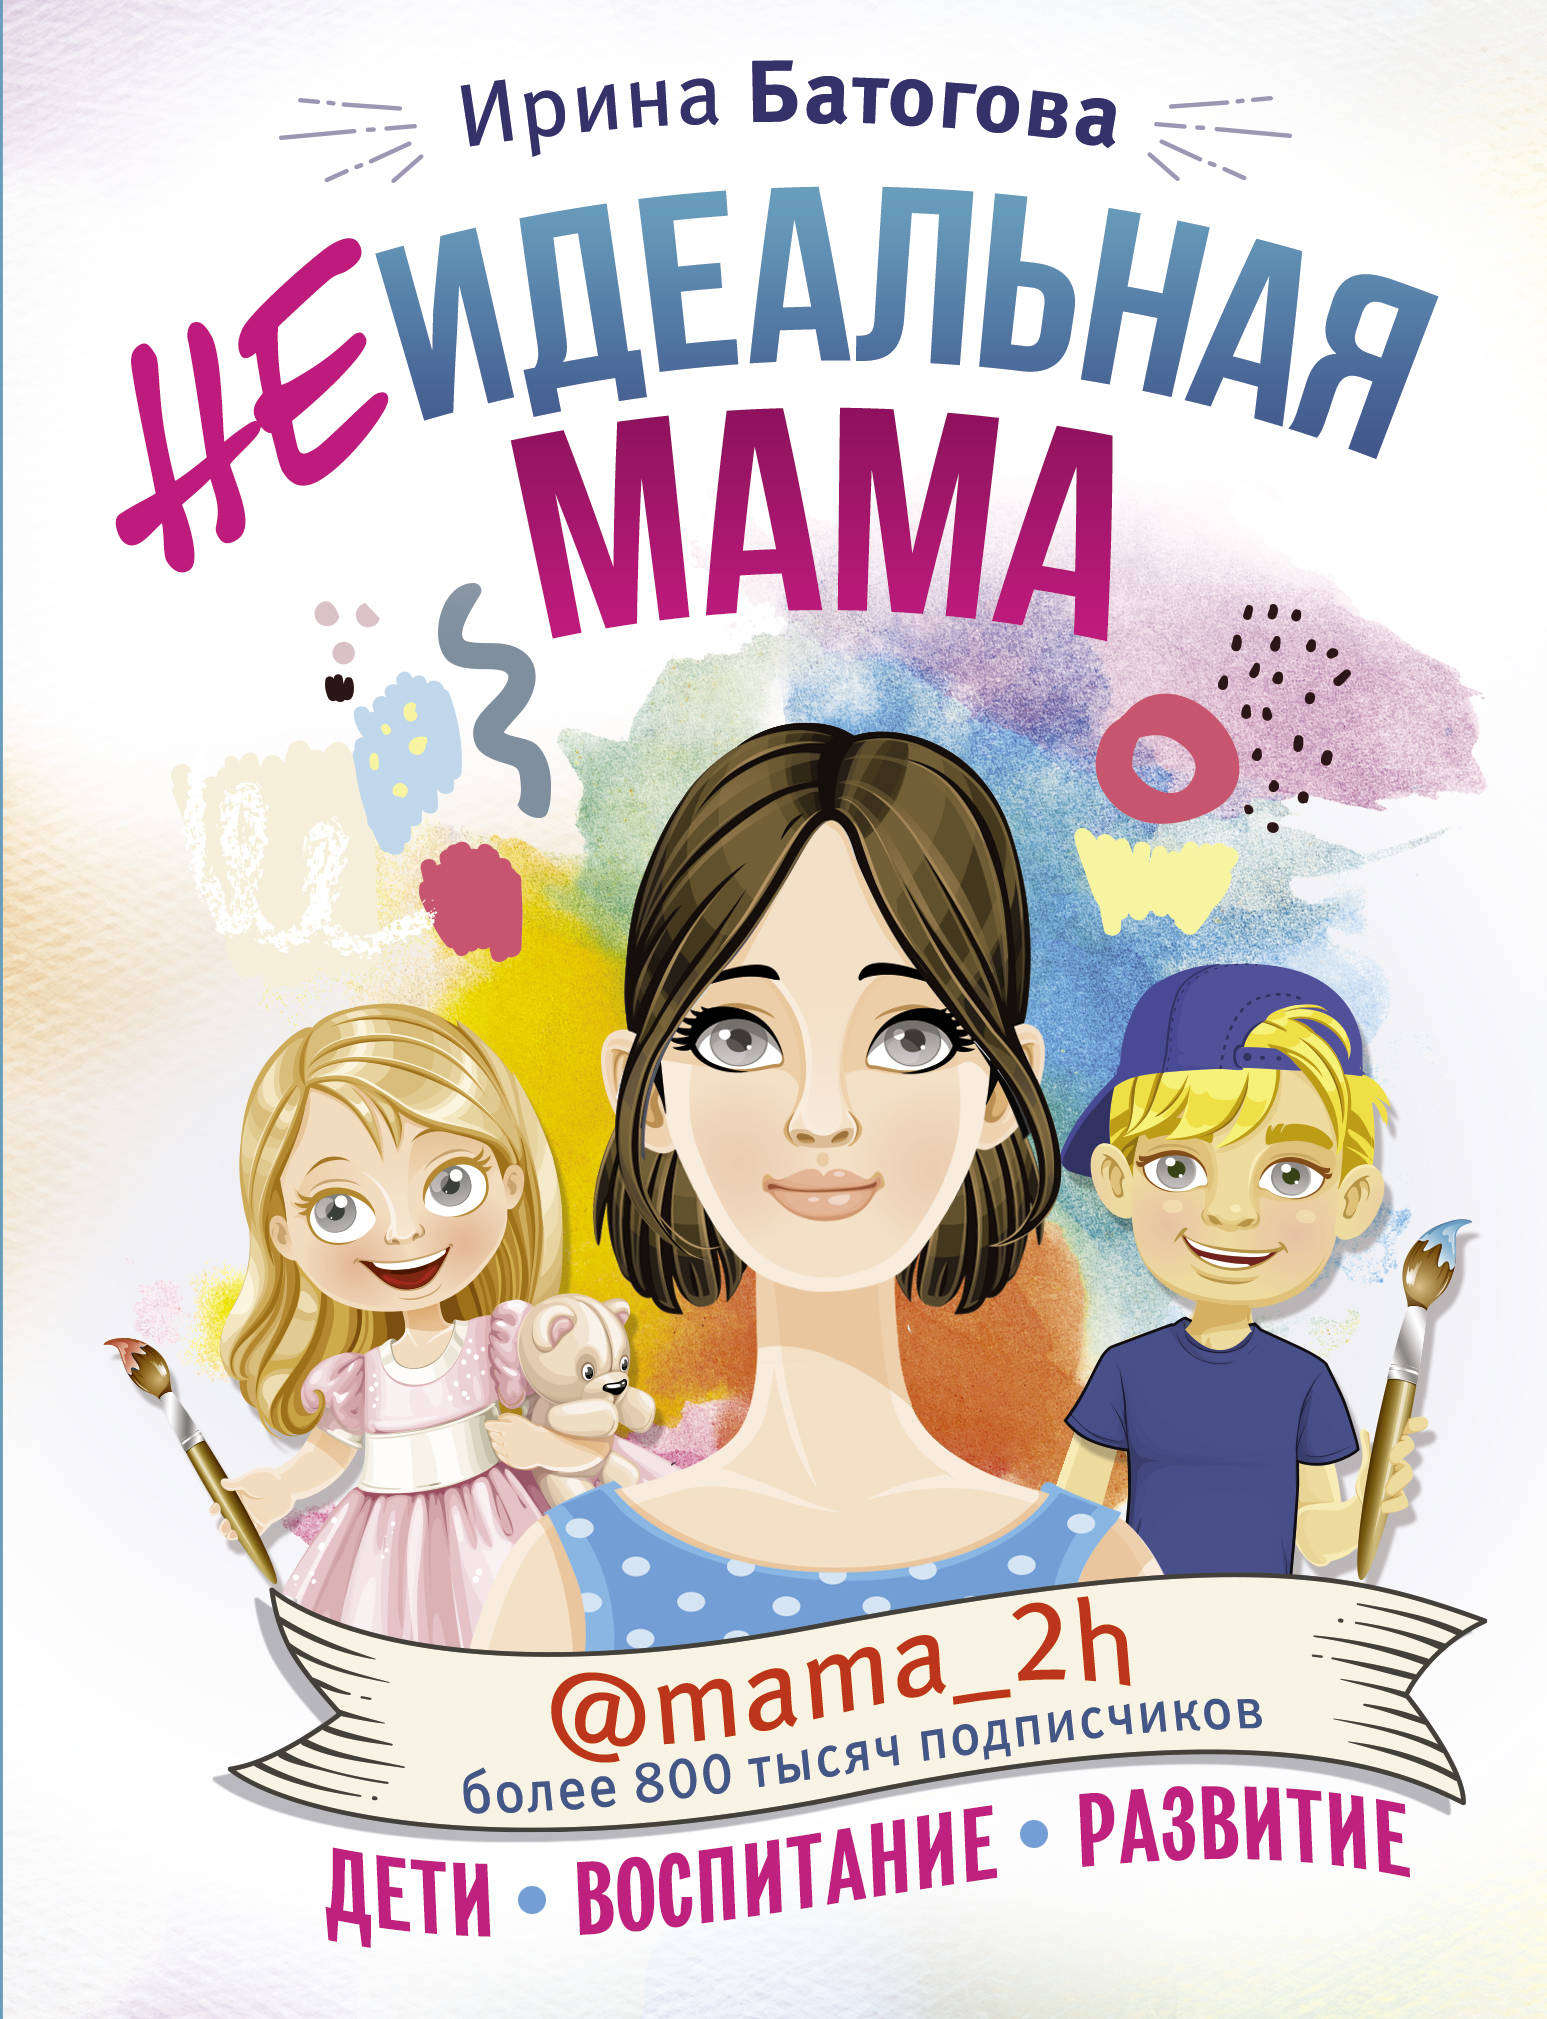 Батогова Ирина Владимировна Неидеальная мама: дети, воспитание, развитие @mama_2h